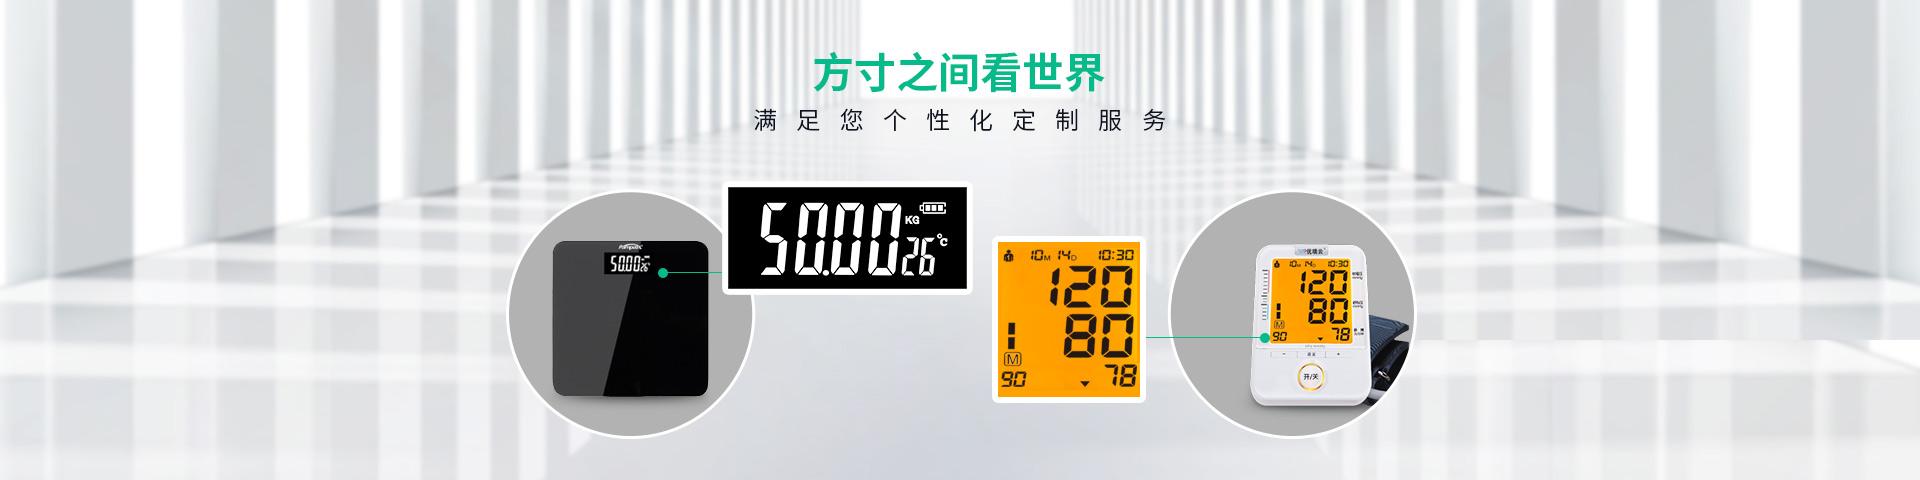 联环遒光电-LCD液晶显示屏